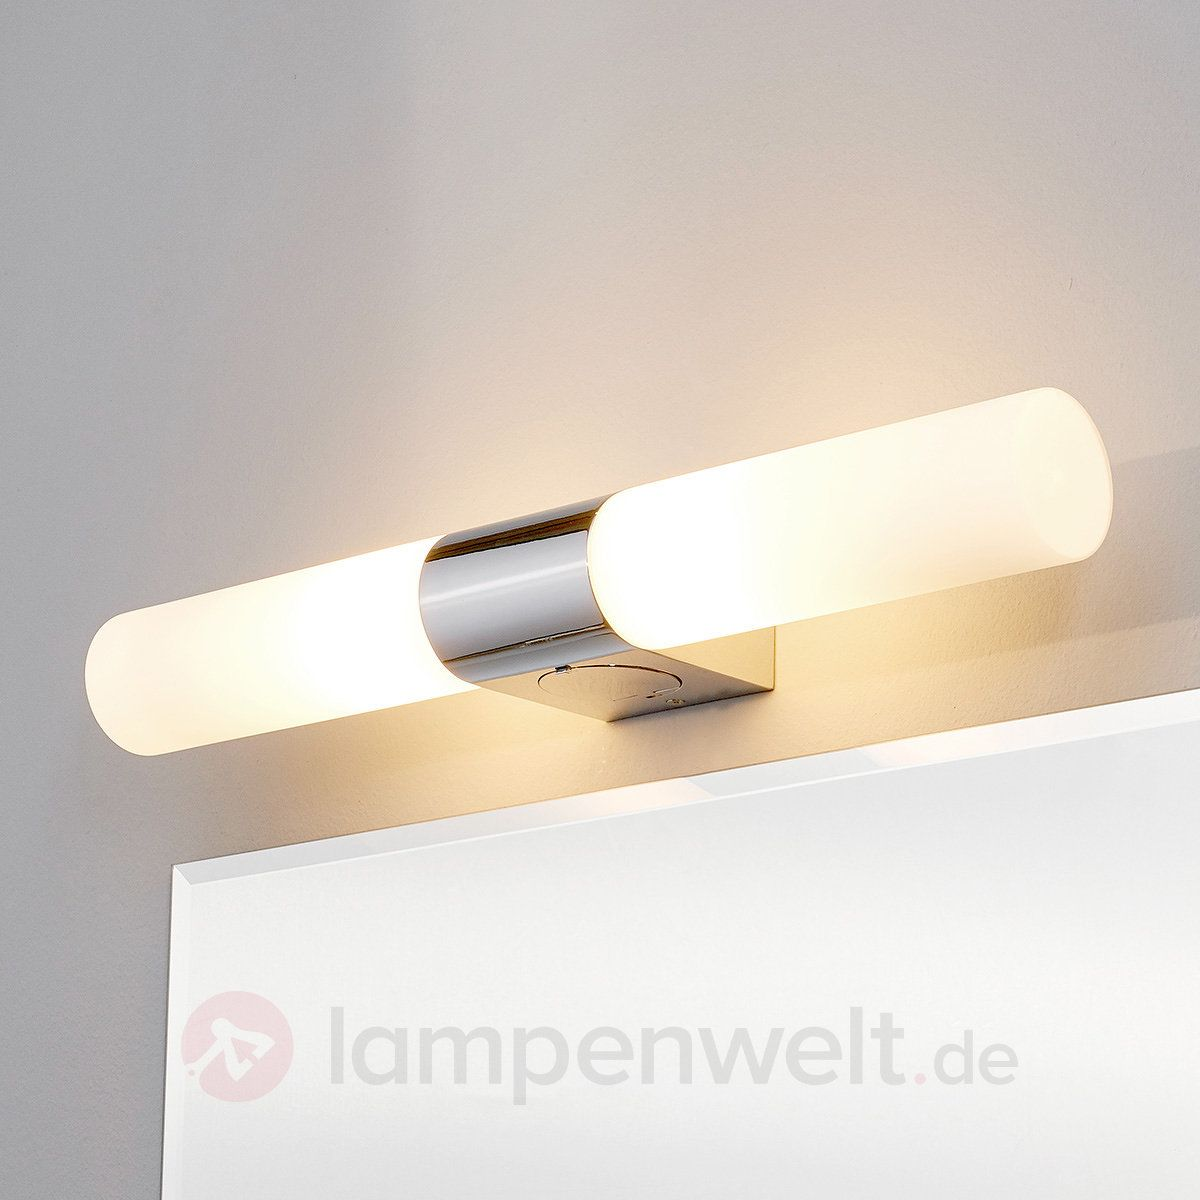 Ziva Spiegelleuchte Mit Steckdose Sicher Amp Bequem Online Bestellen Bei Lampenwelt De Steckdosen Lampen Und Leuchten Lampen